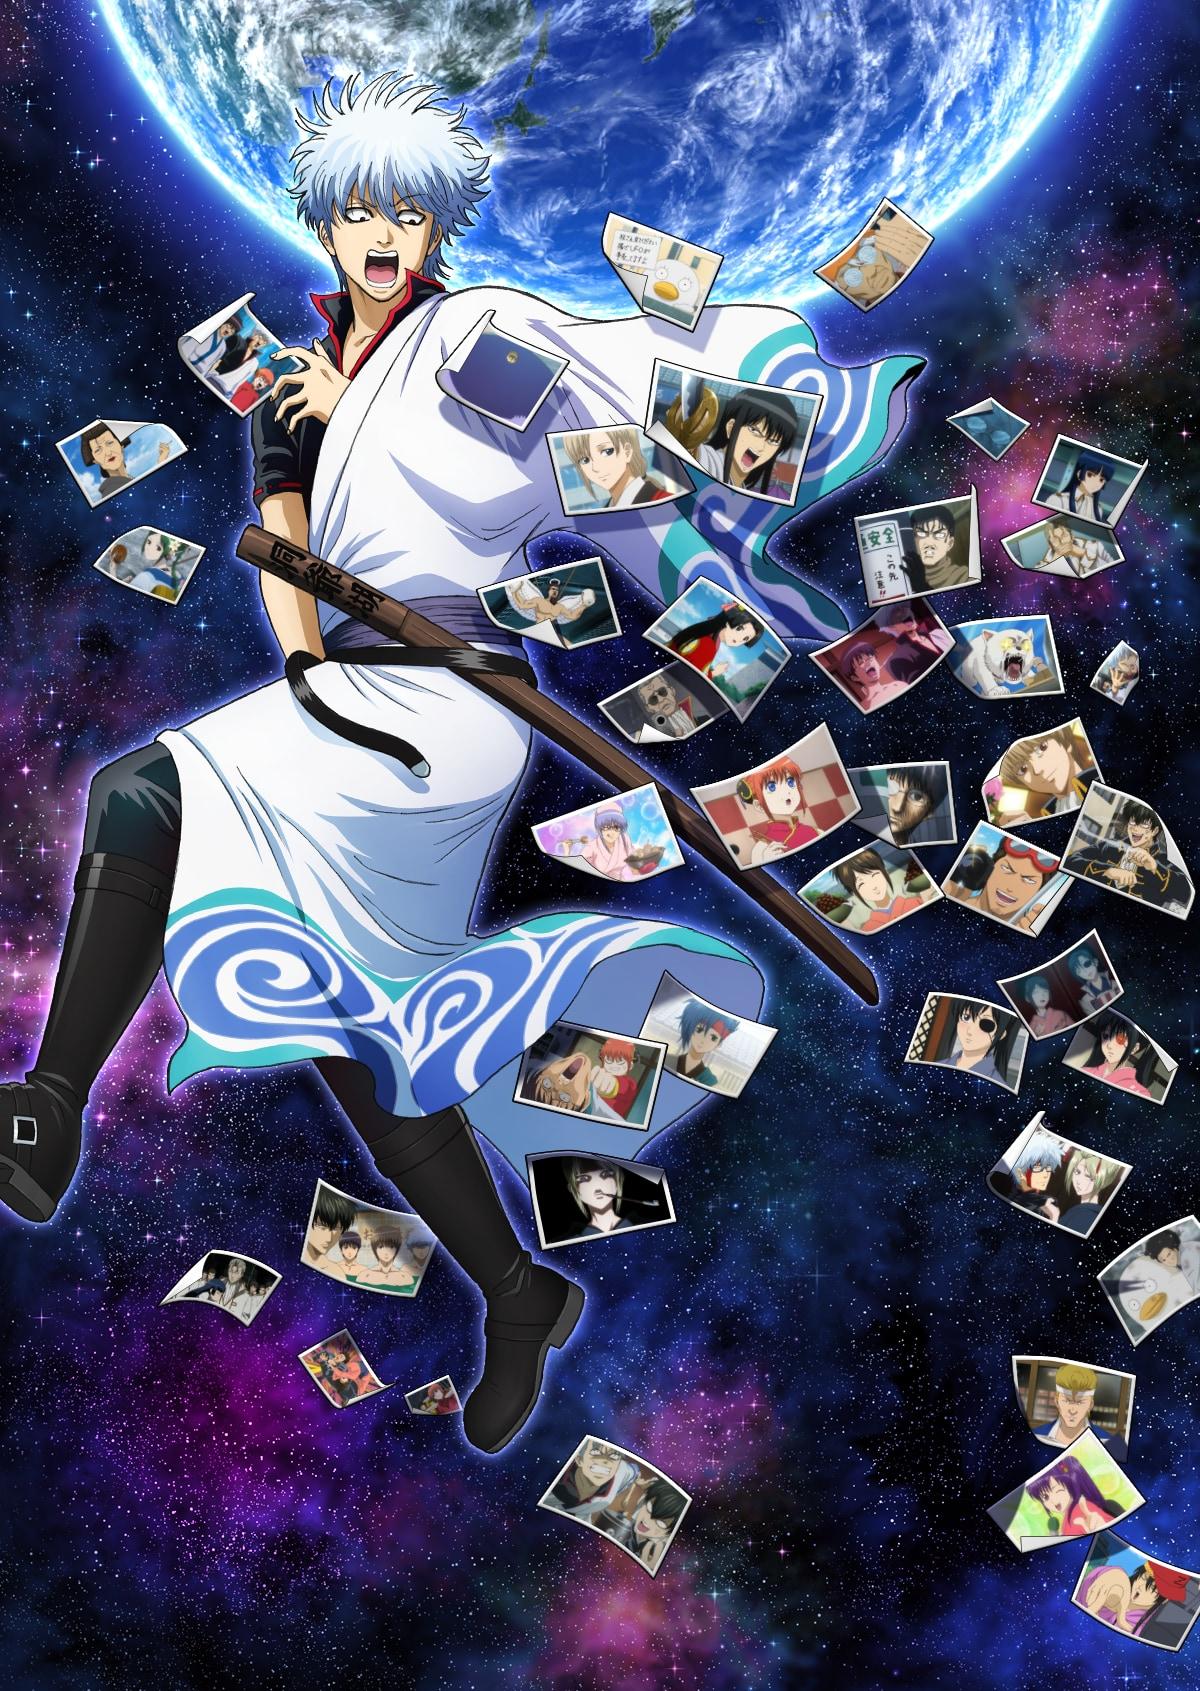 TVアニメ『銀魂』が地上波に戻ってくる!2017年に放送された「ポロリ篇」をよりぬき放送